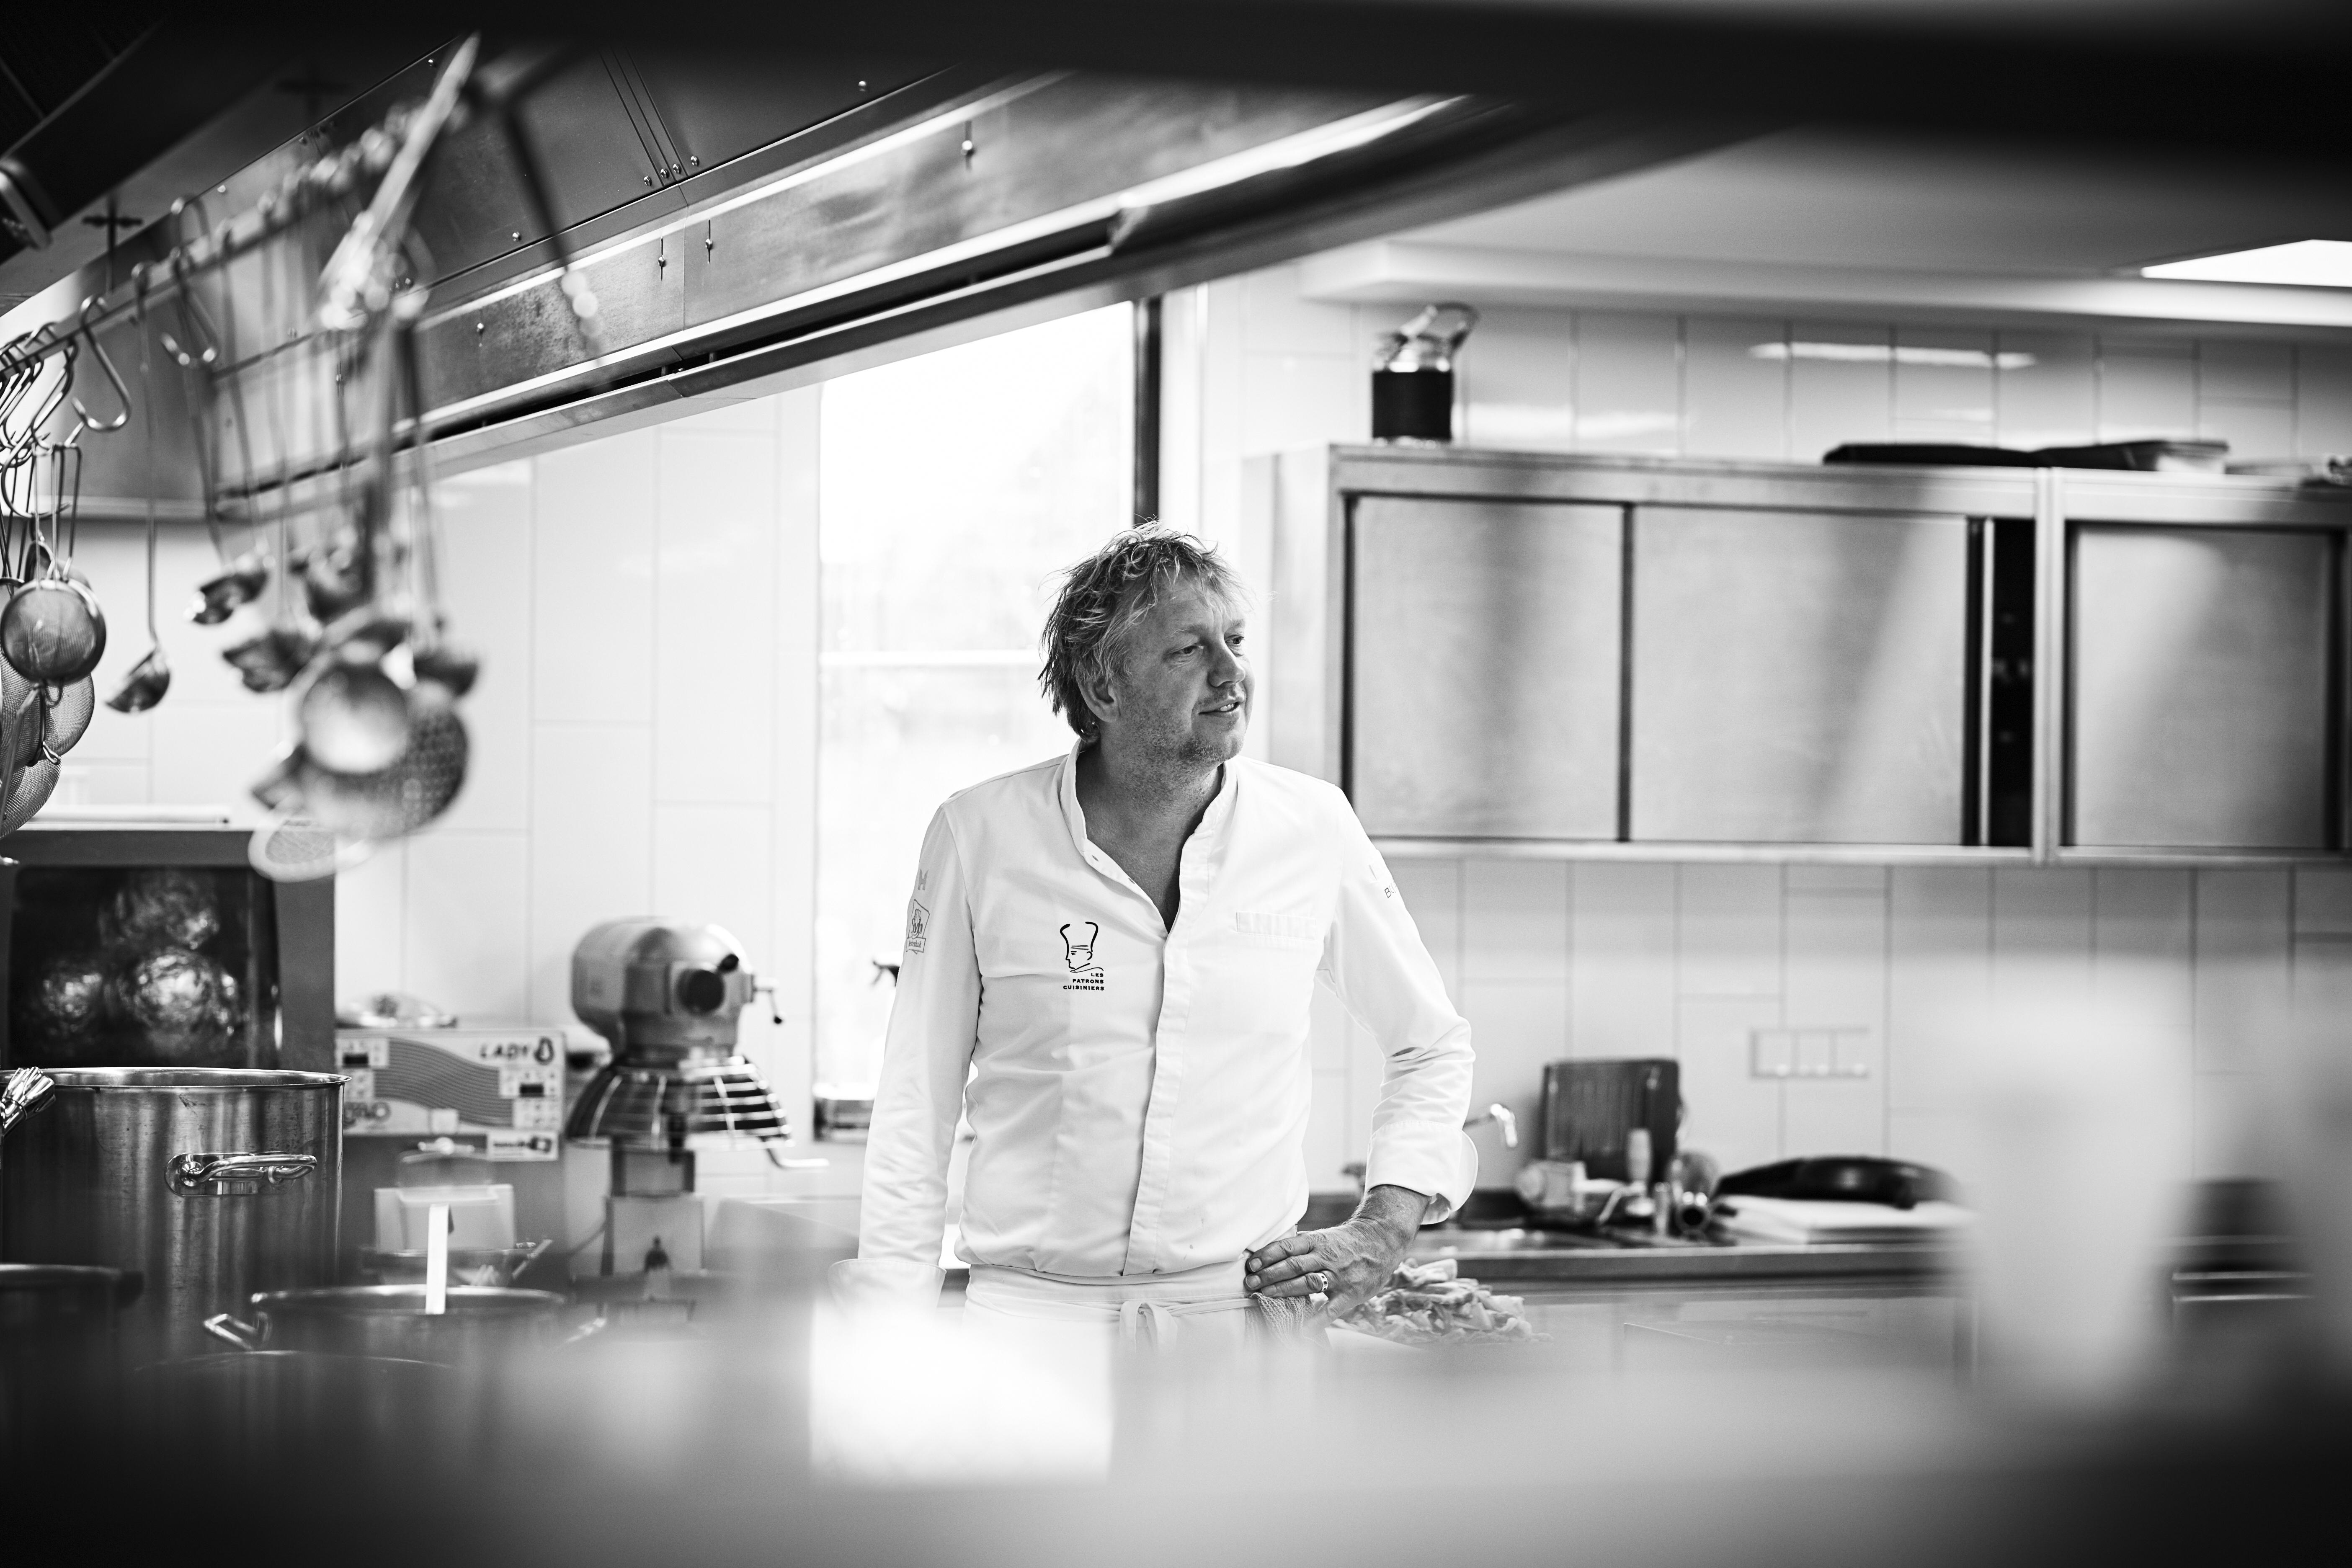 Portret Bij Jef in de keuken VVV Texel